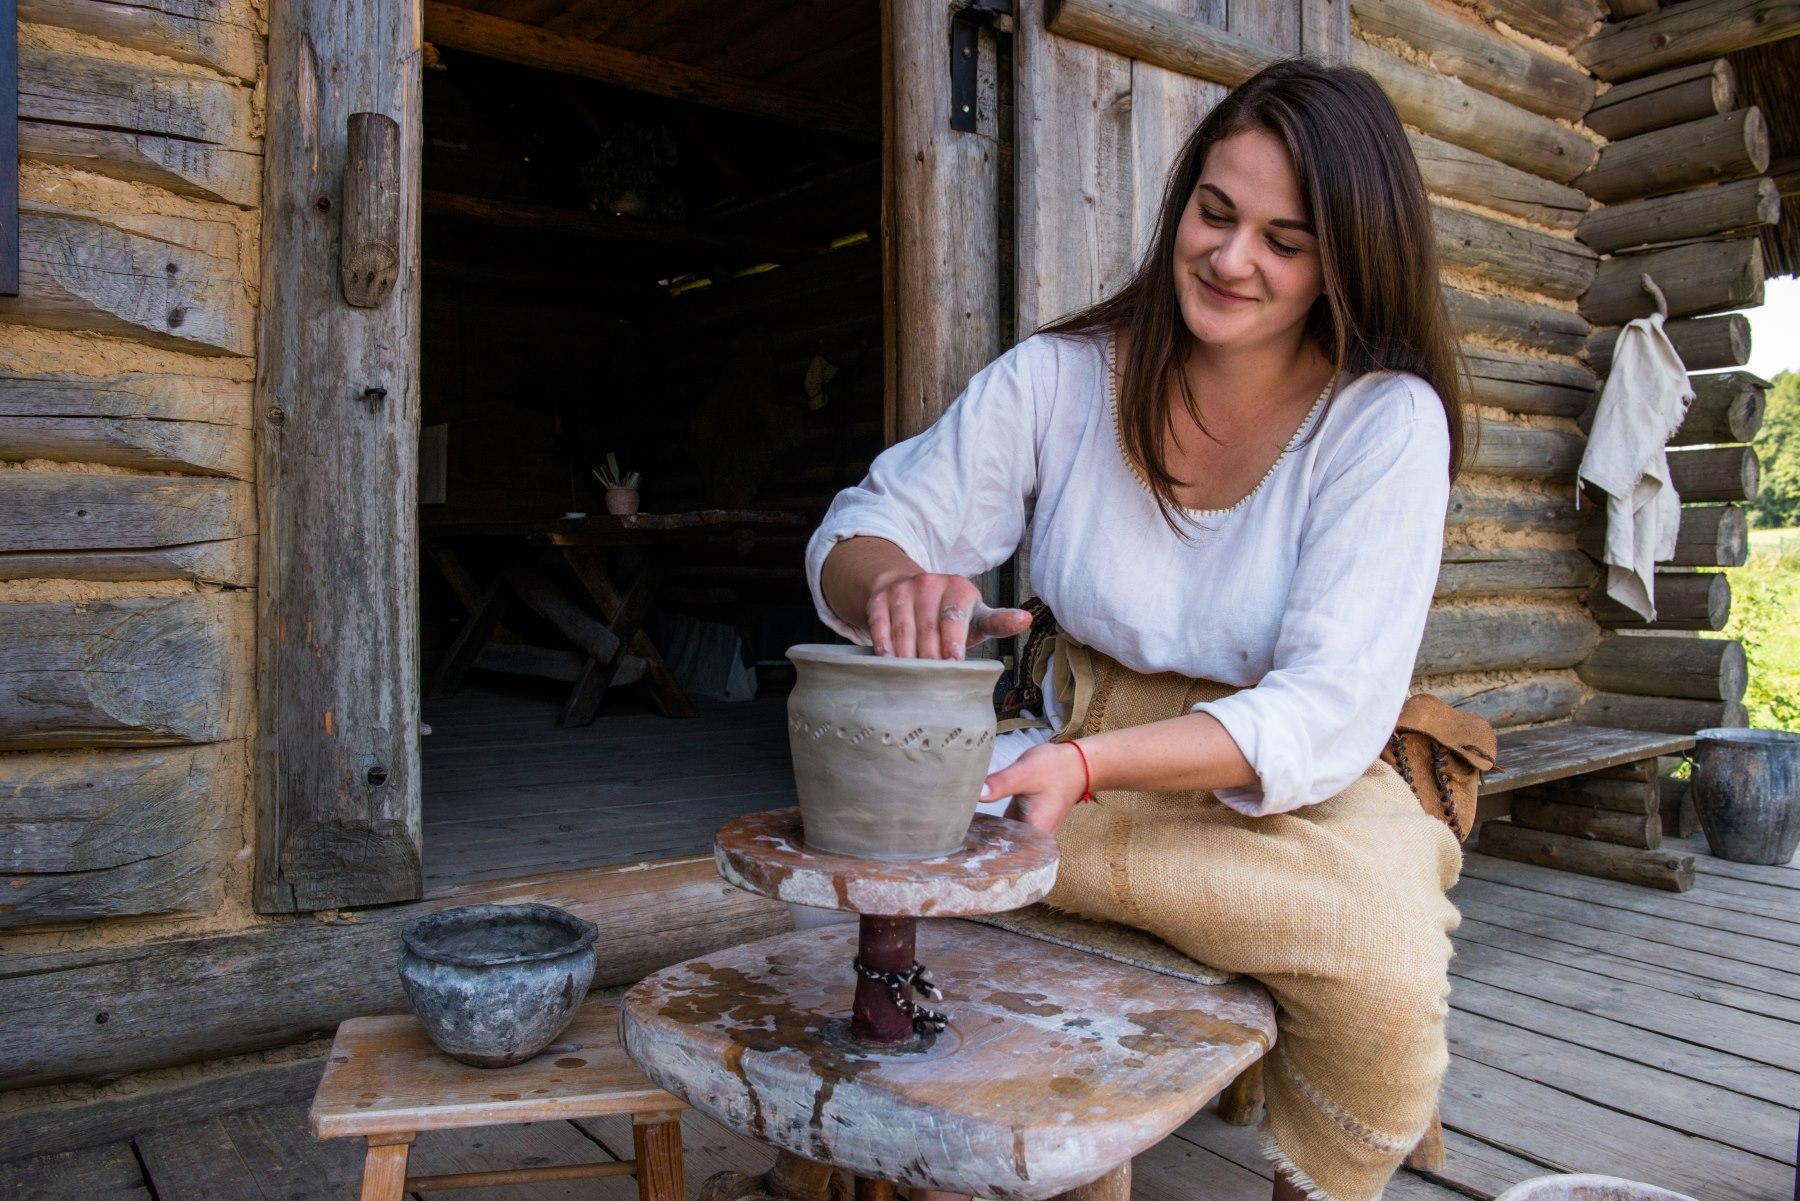 Dziewczyna wyrabia gliniane naczynie na kole garncarskim